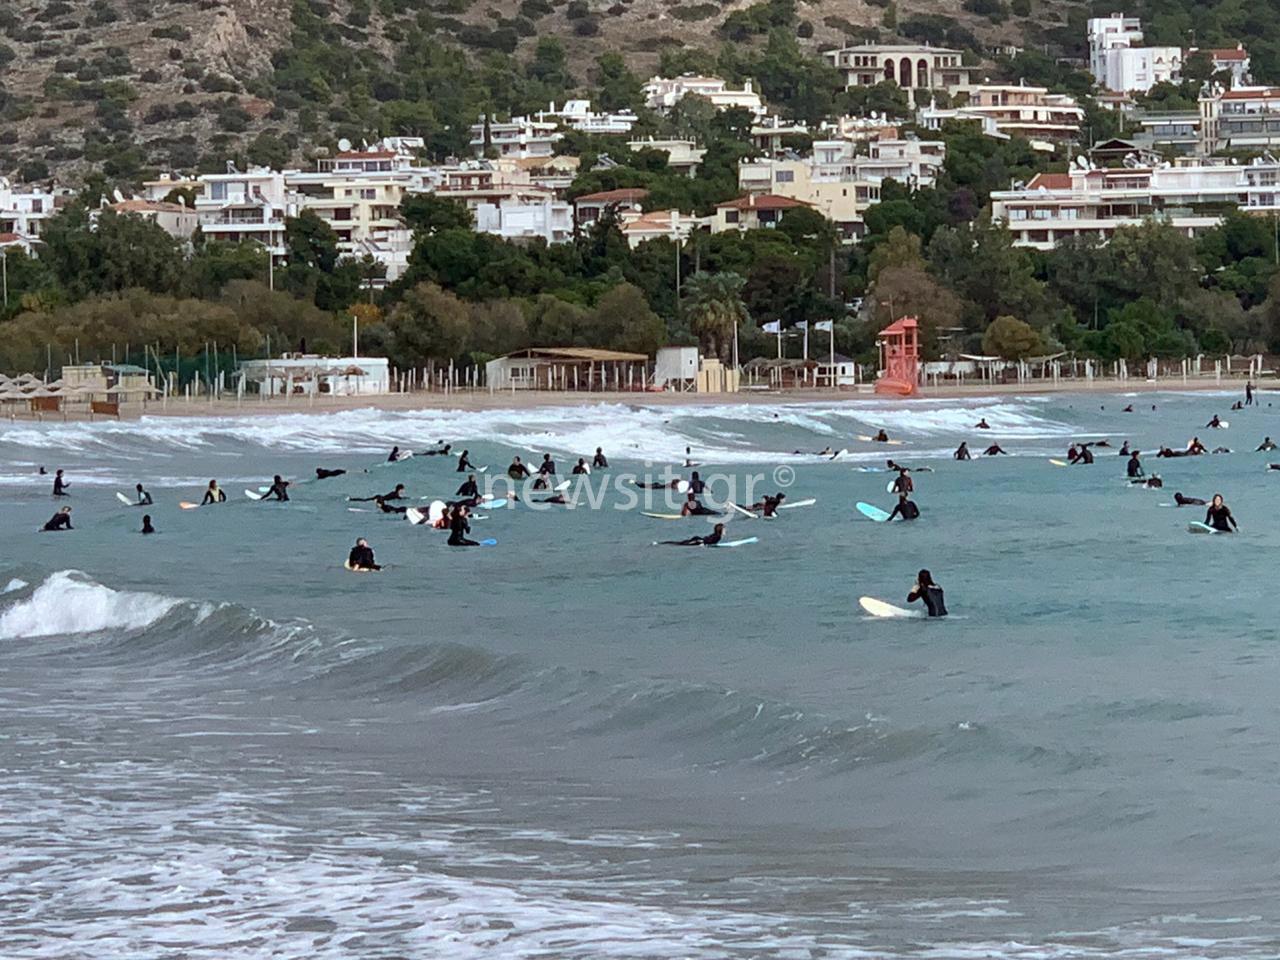 Μετακίνηση 6 και γέμισε η παραλία της Βουλιαγμένης! Όλοι για σερφ (pics, video)